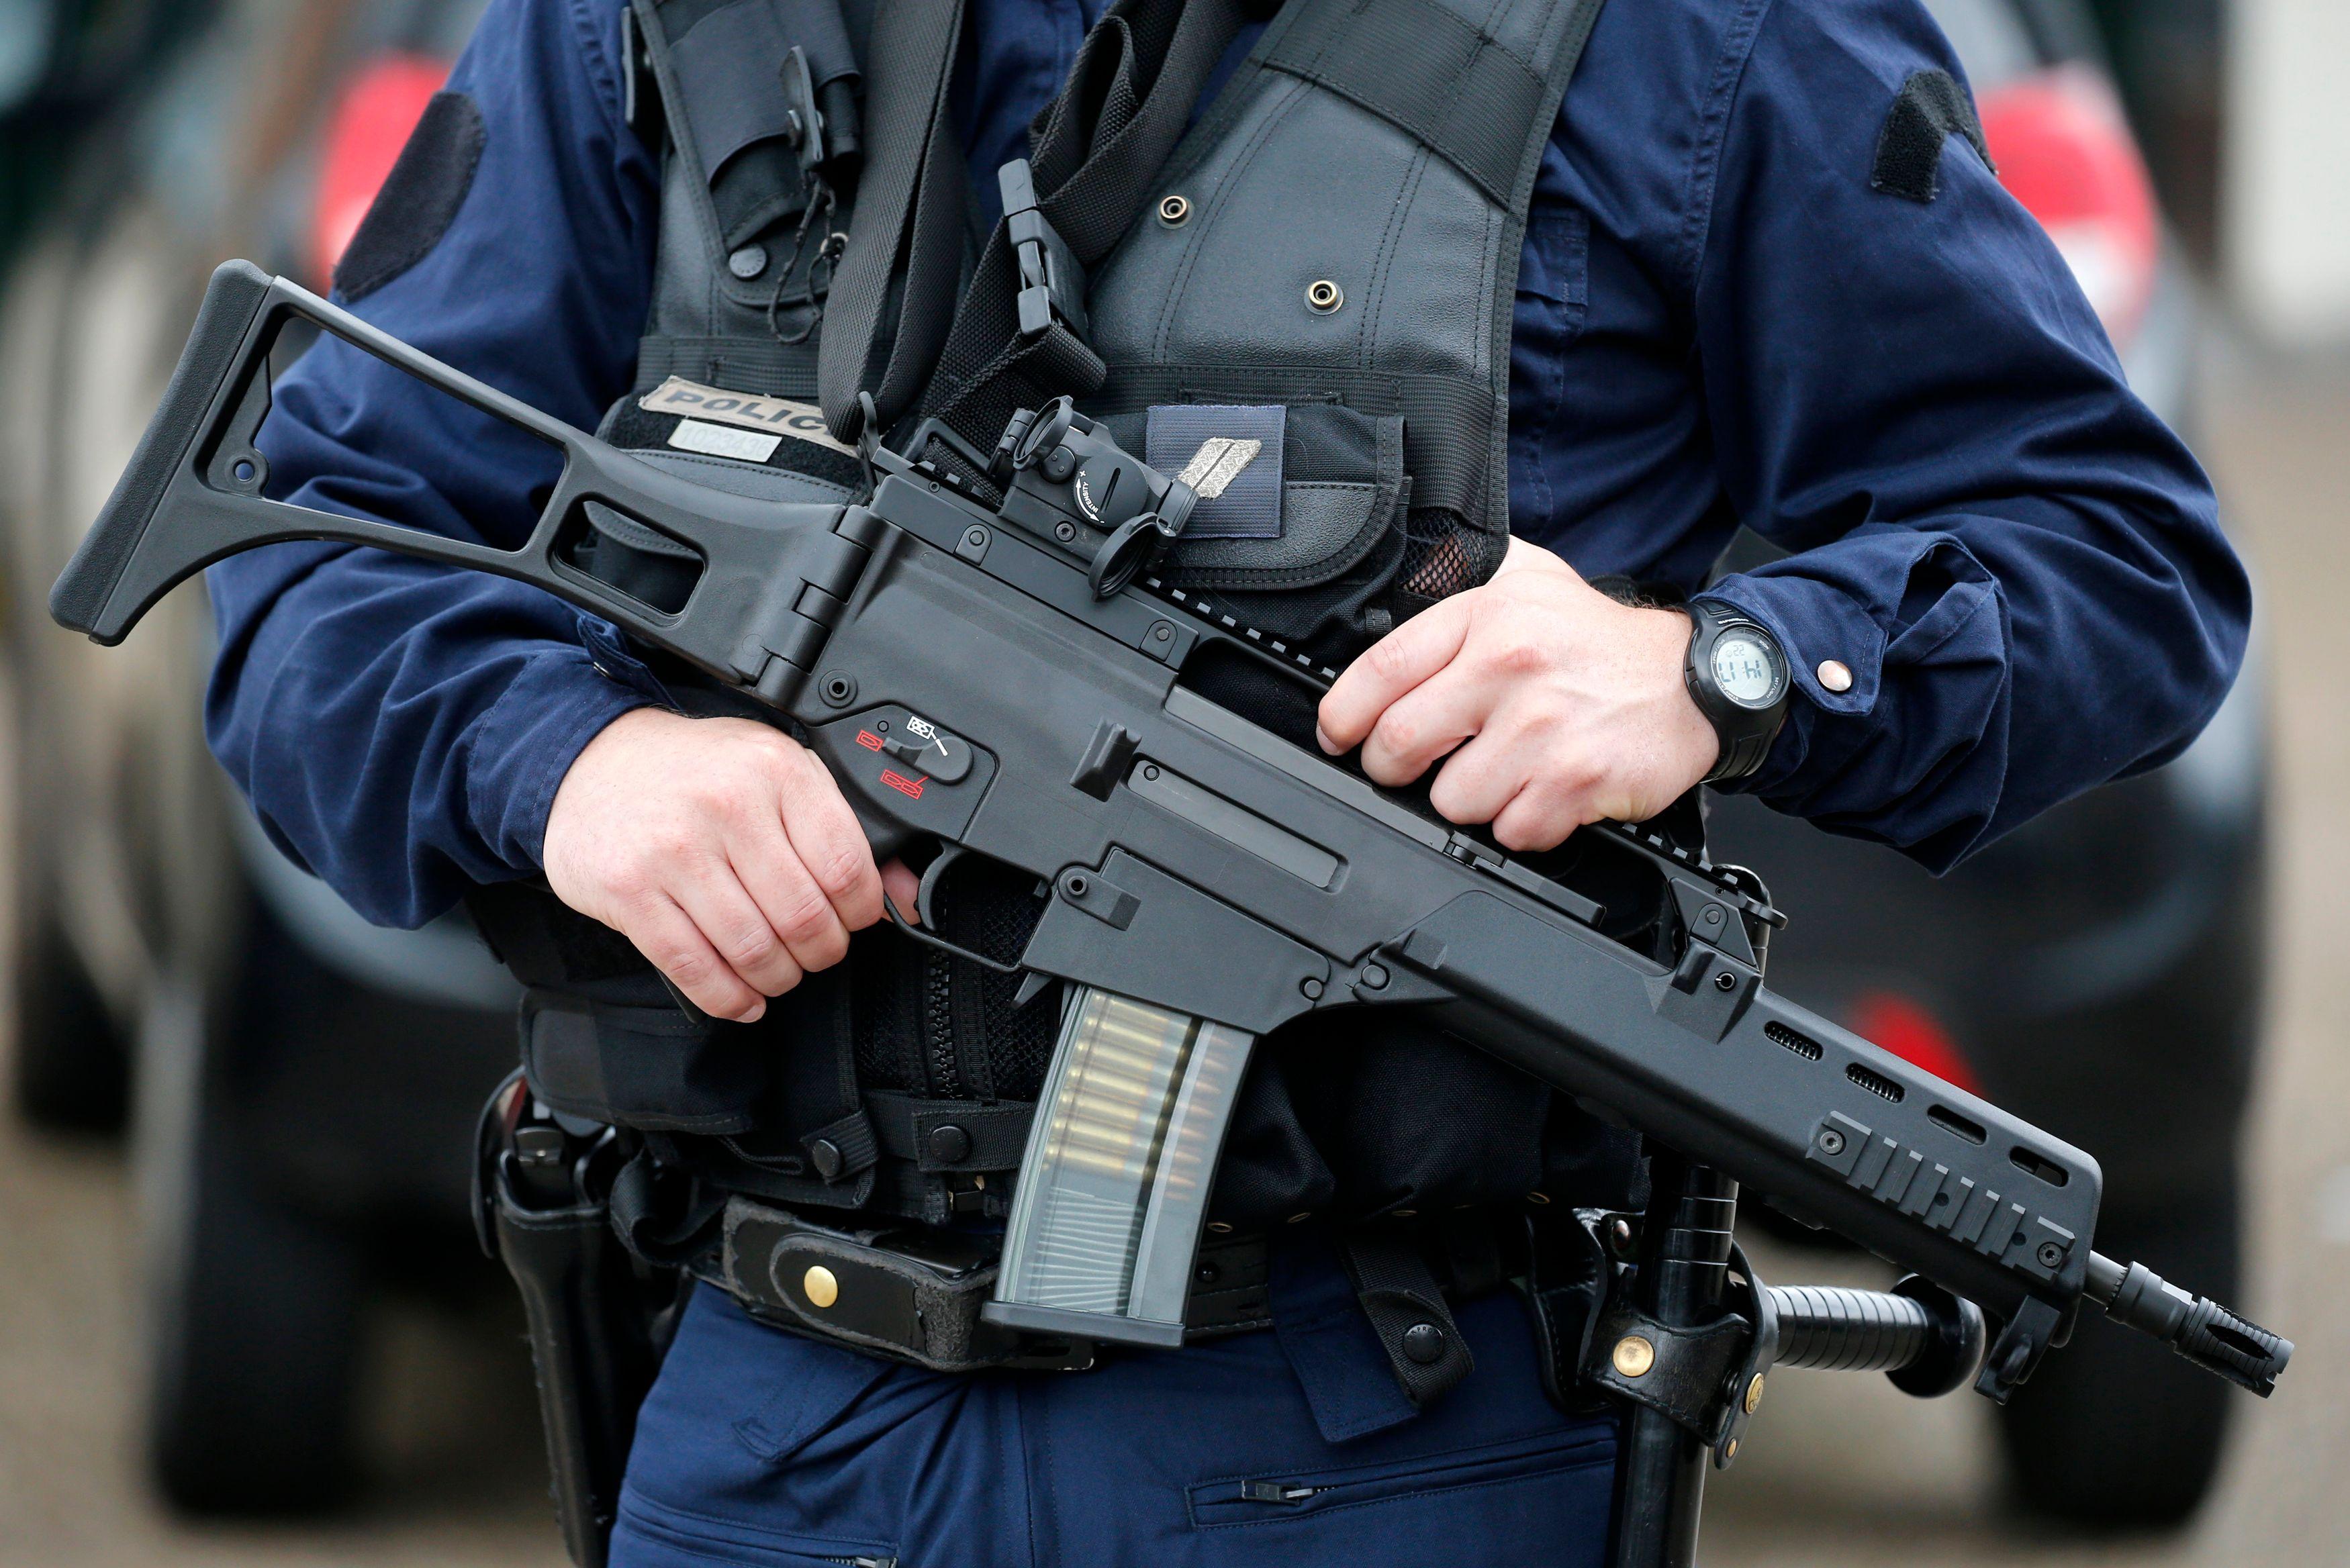 Arrestations à Marseille et Strasbourg : l'un des suspects a fait allégeance à l'État islamique